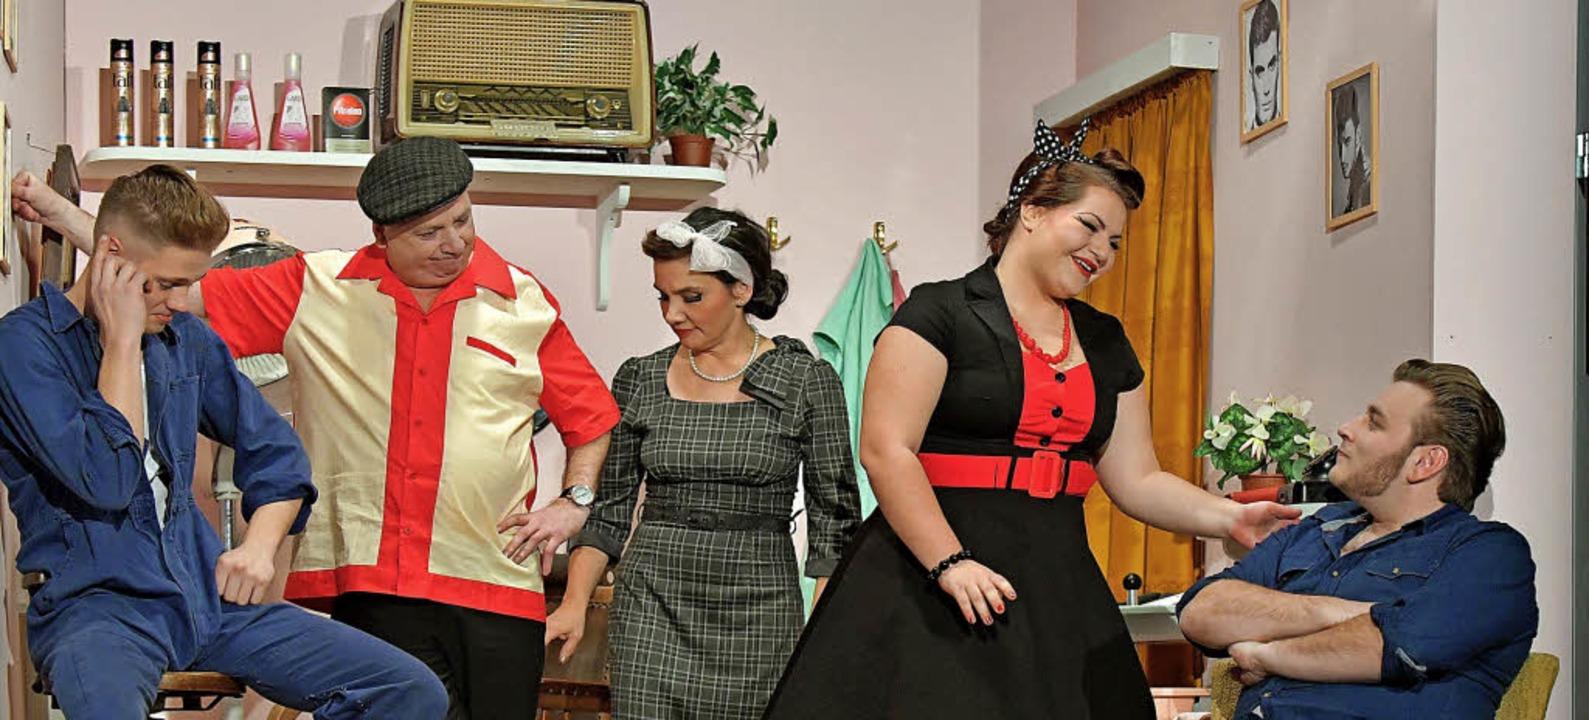 Die neue Komödie Wob-Baba-Luba der Lai...uela Diemand als Berta Glanz (Mitte).     Foto: Wolfgang Scheu